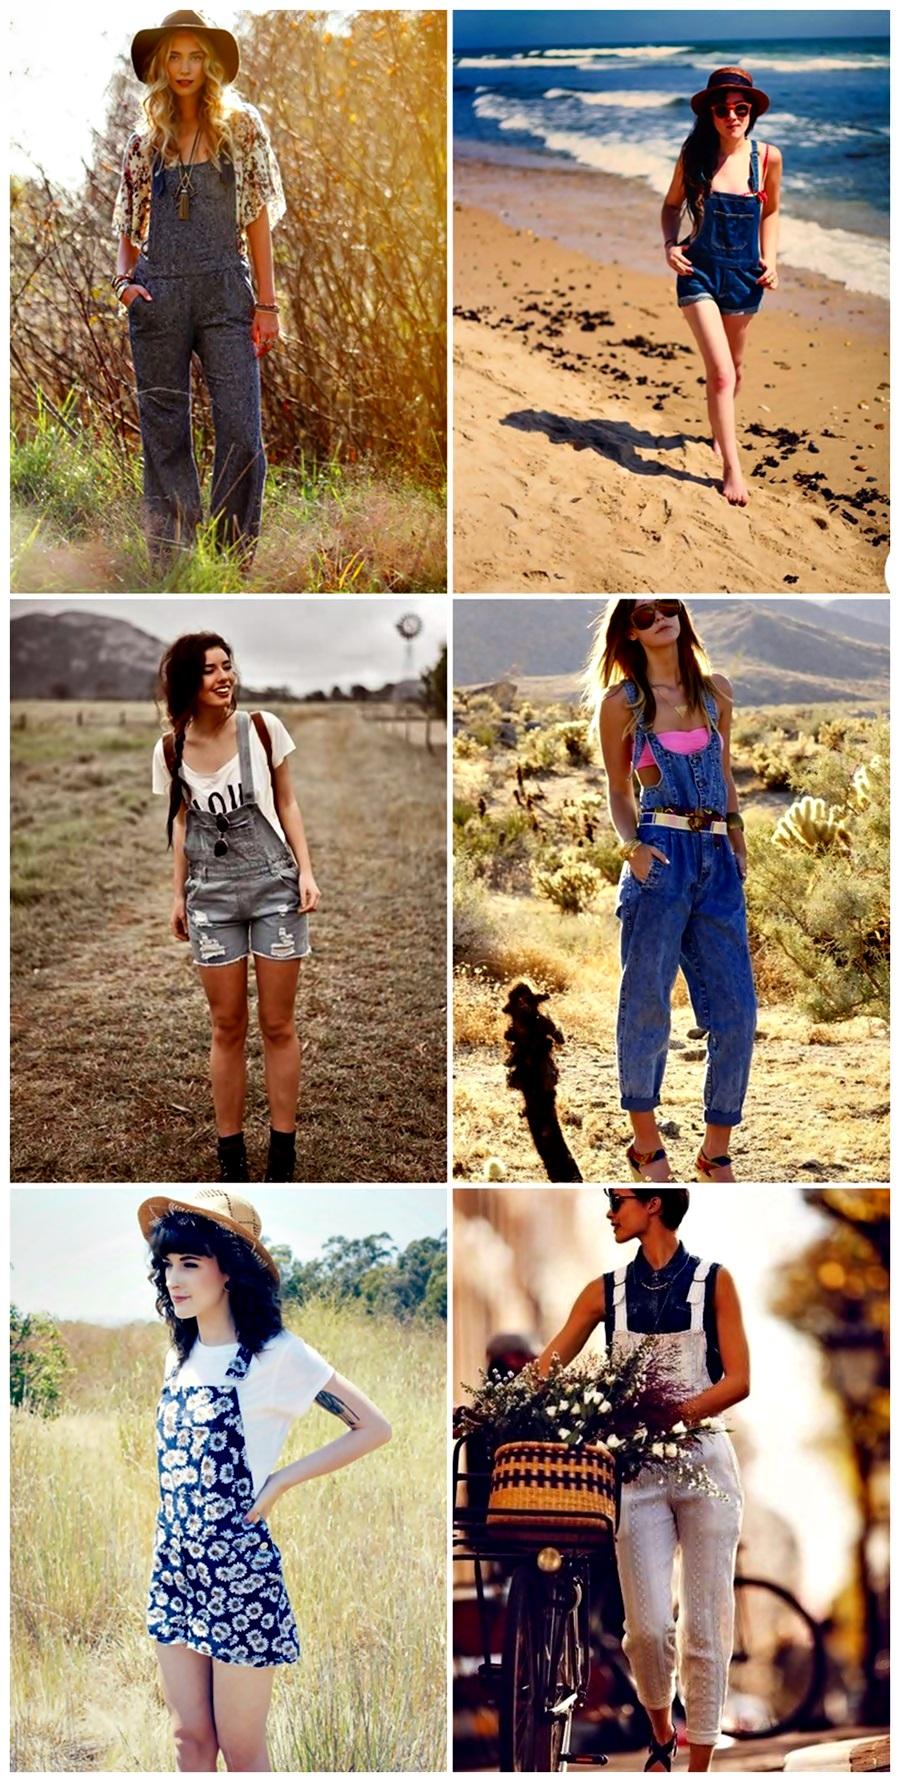 tendência verão 2014 macacão feminino jeans e jardineiras